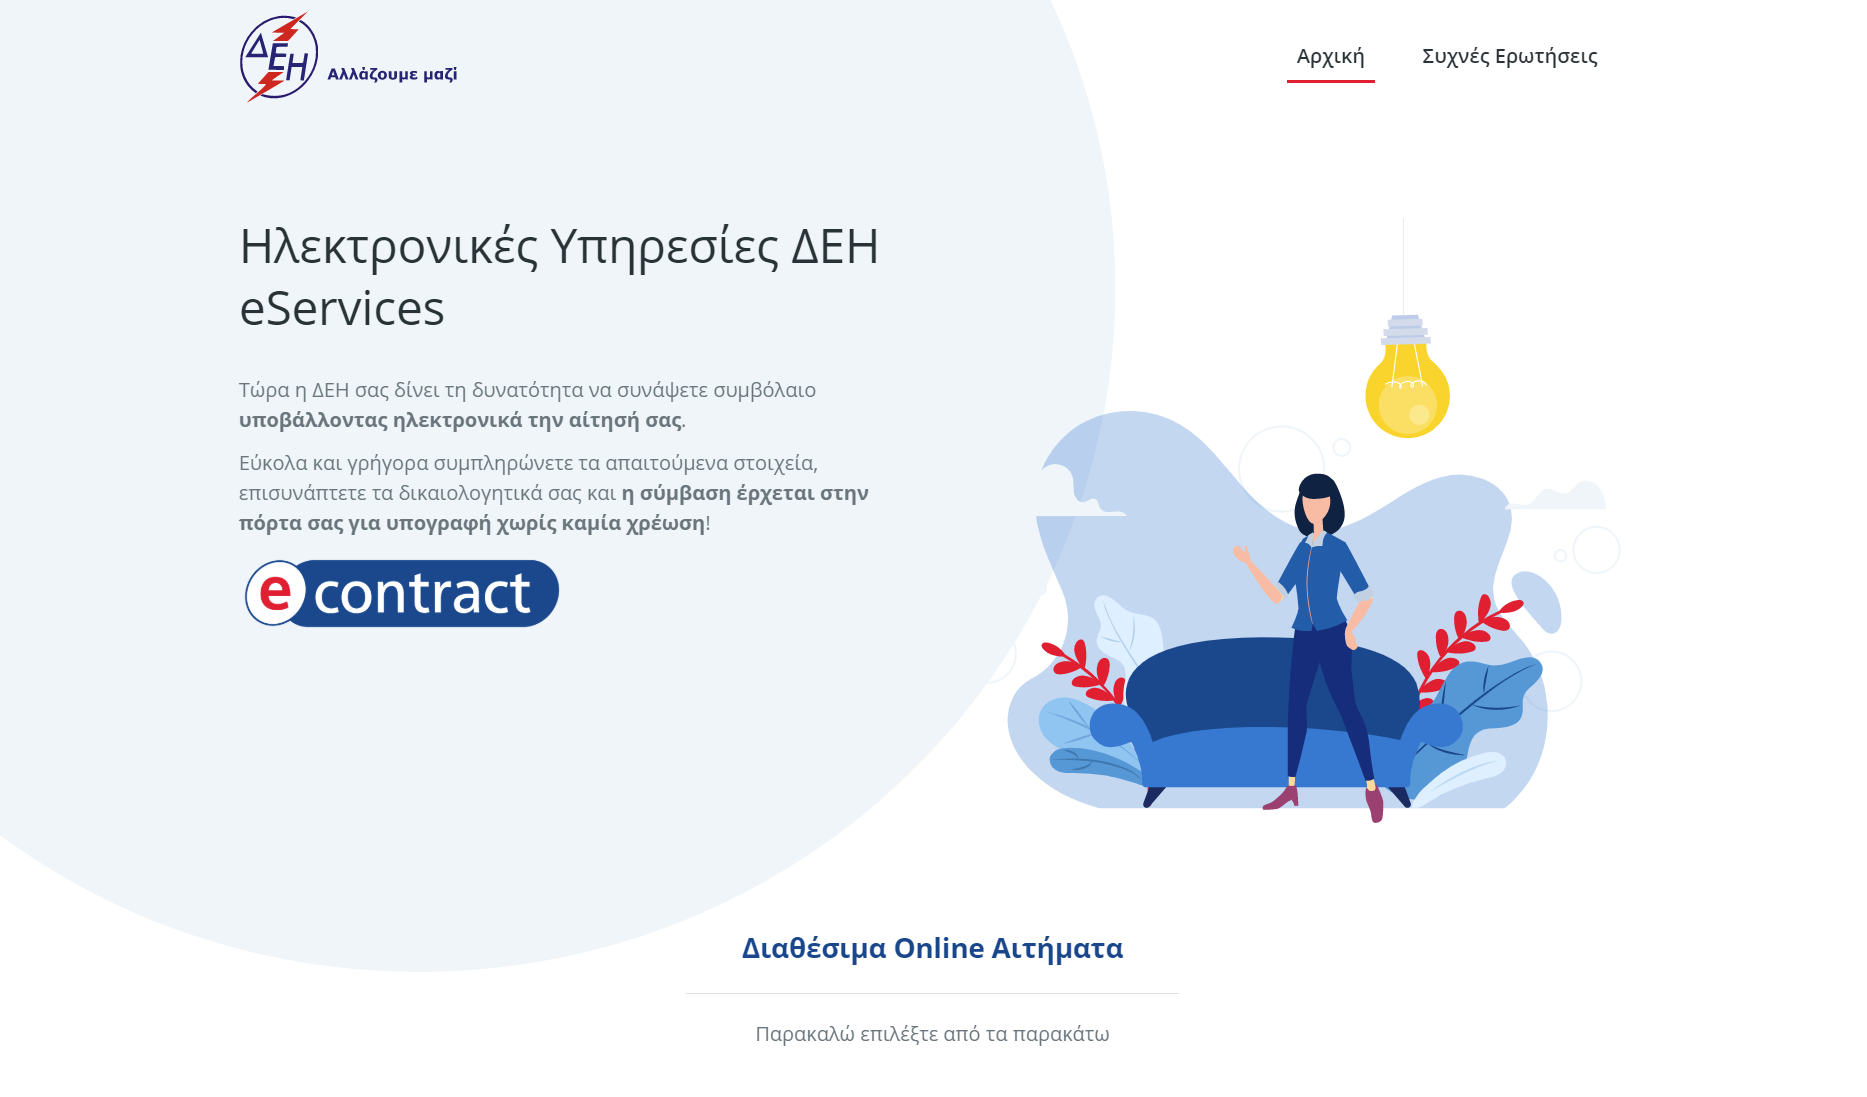 ΔΕΗ e-services